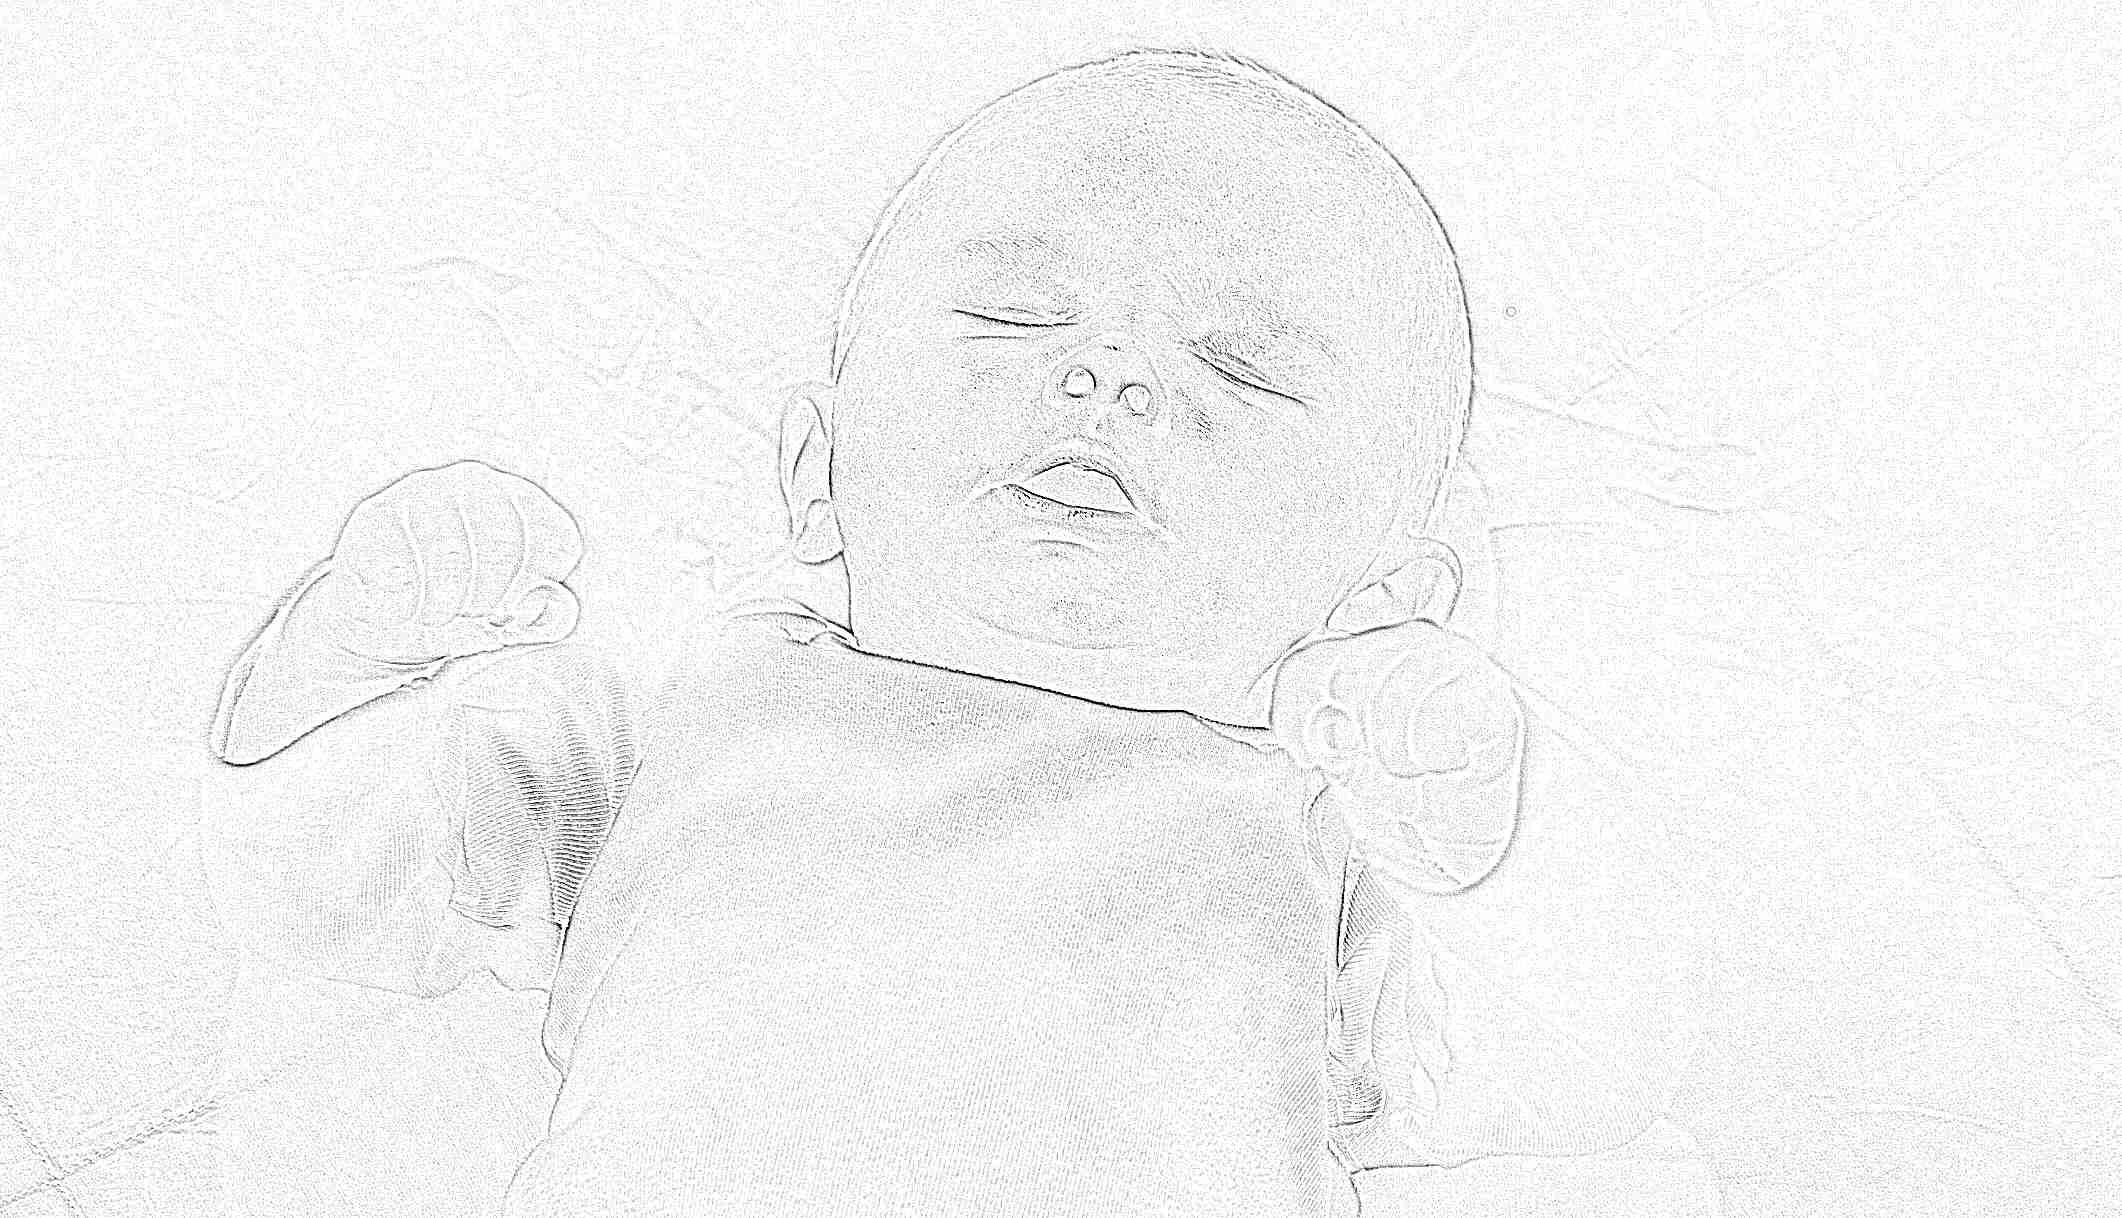 Ребенку 3 месяца кривошея фото